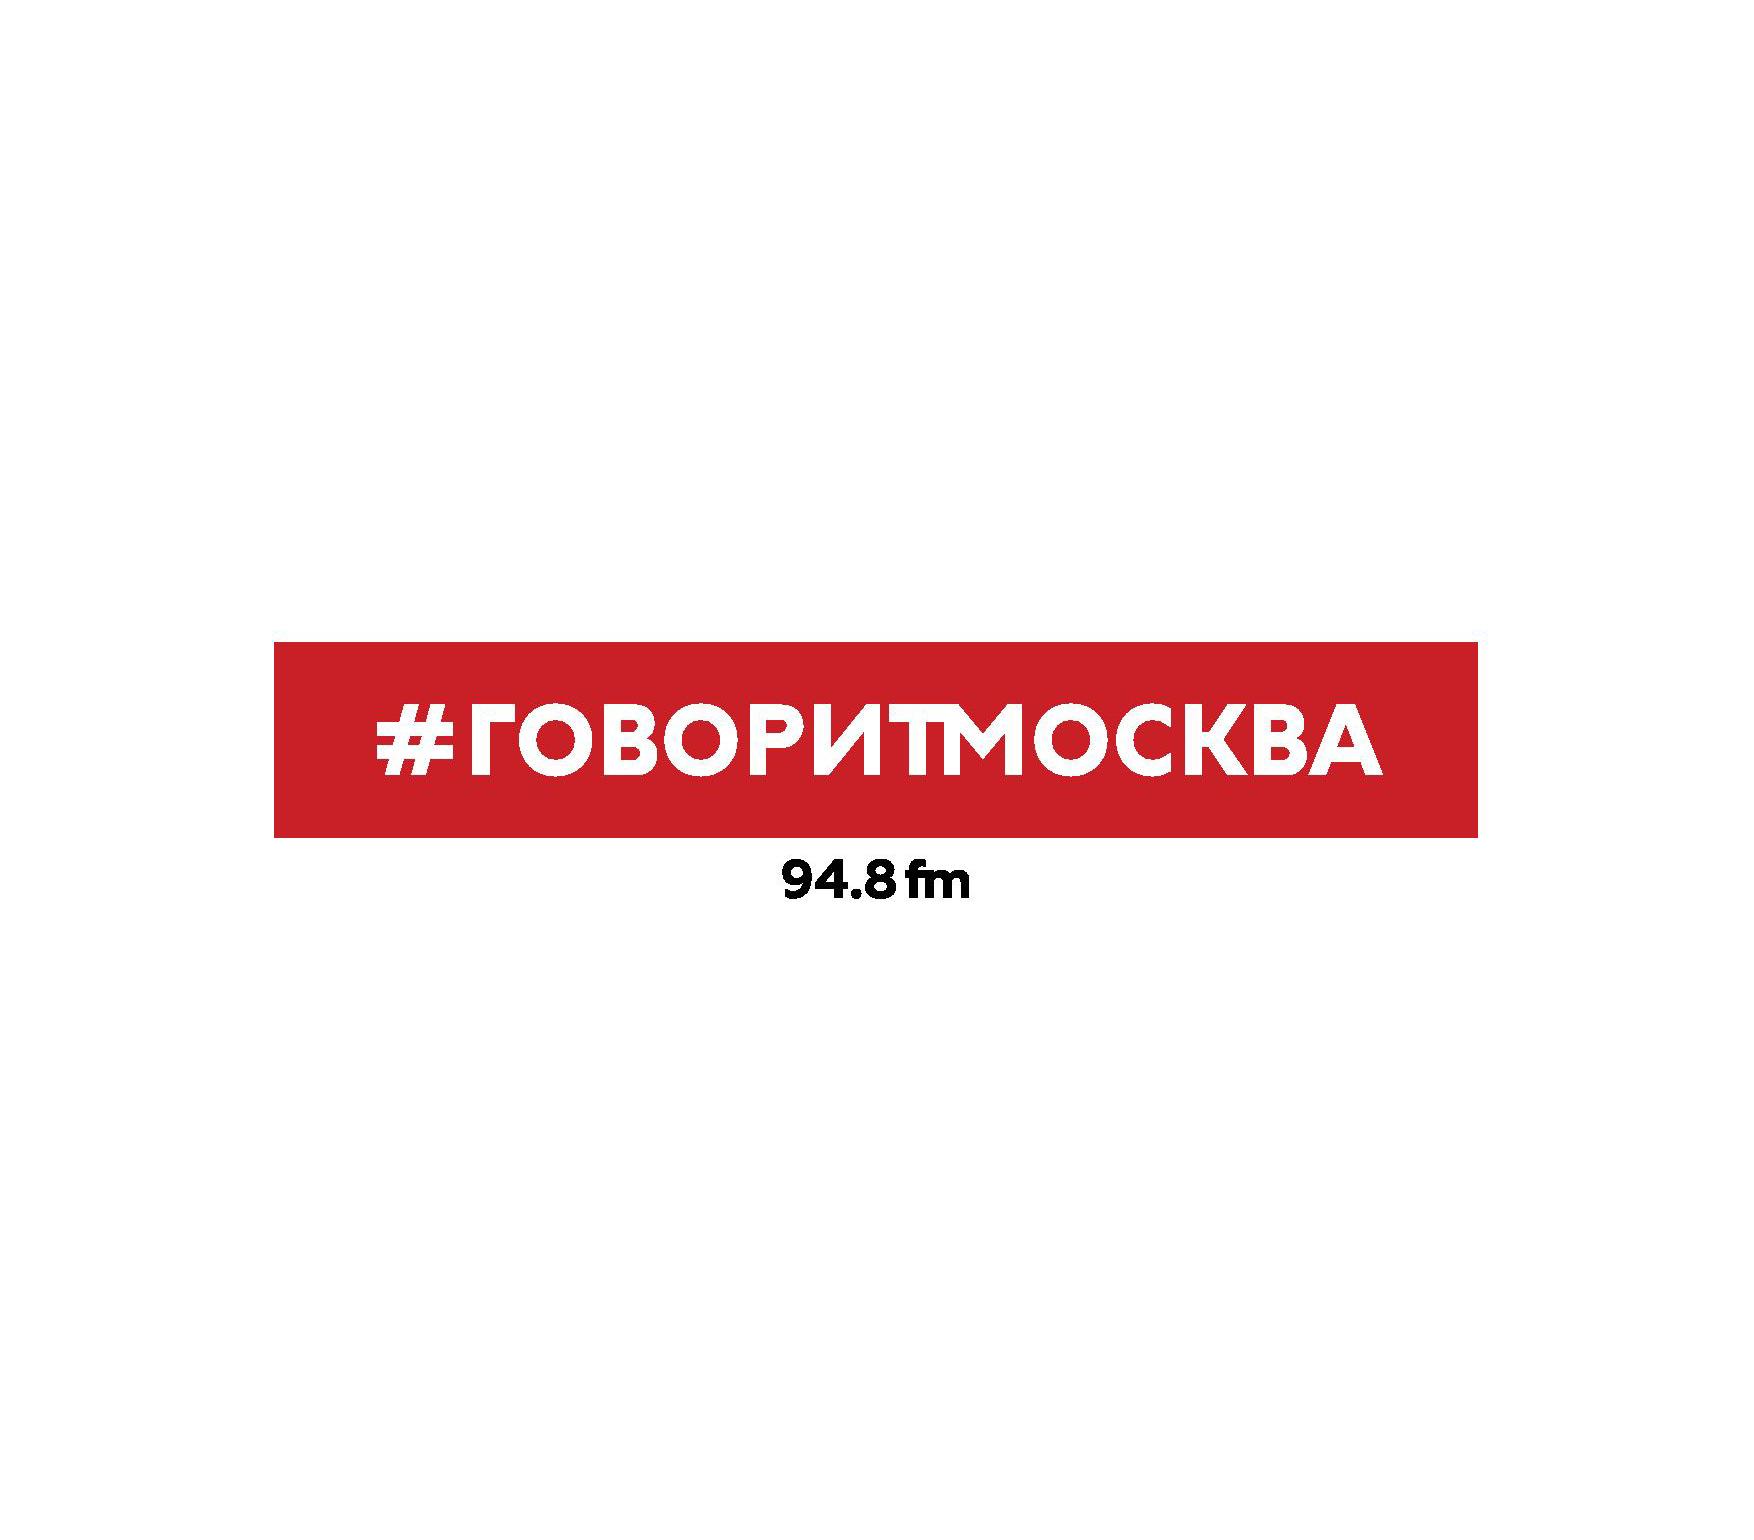 Макс Челноков 9 апреля. Евгений Федоров макс челноков 14 апреля андрей орлов